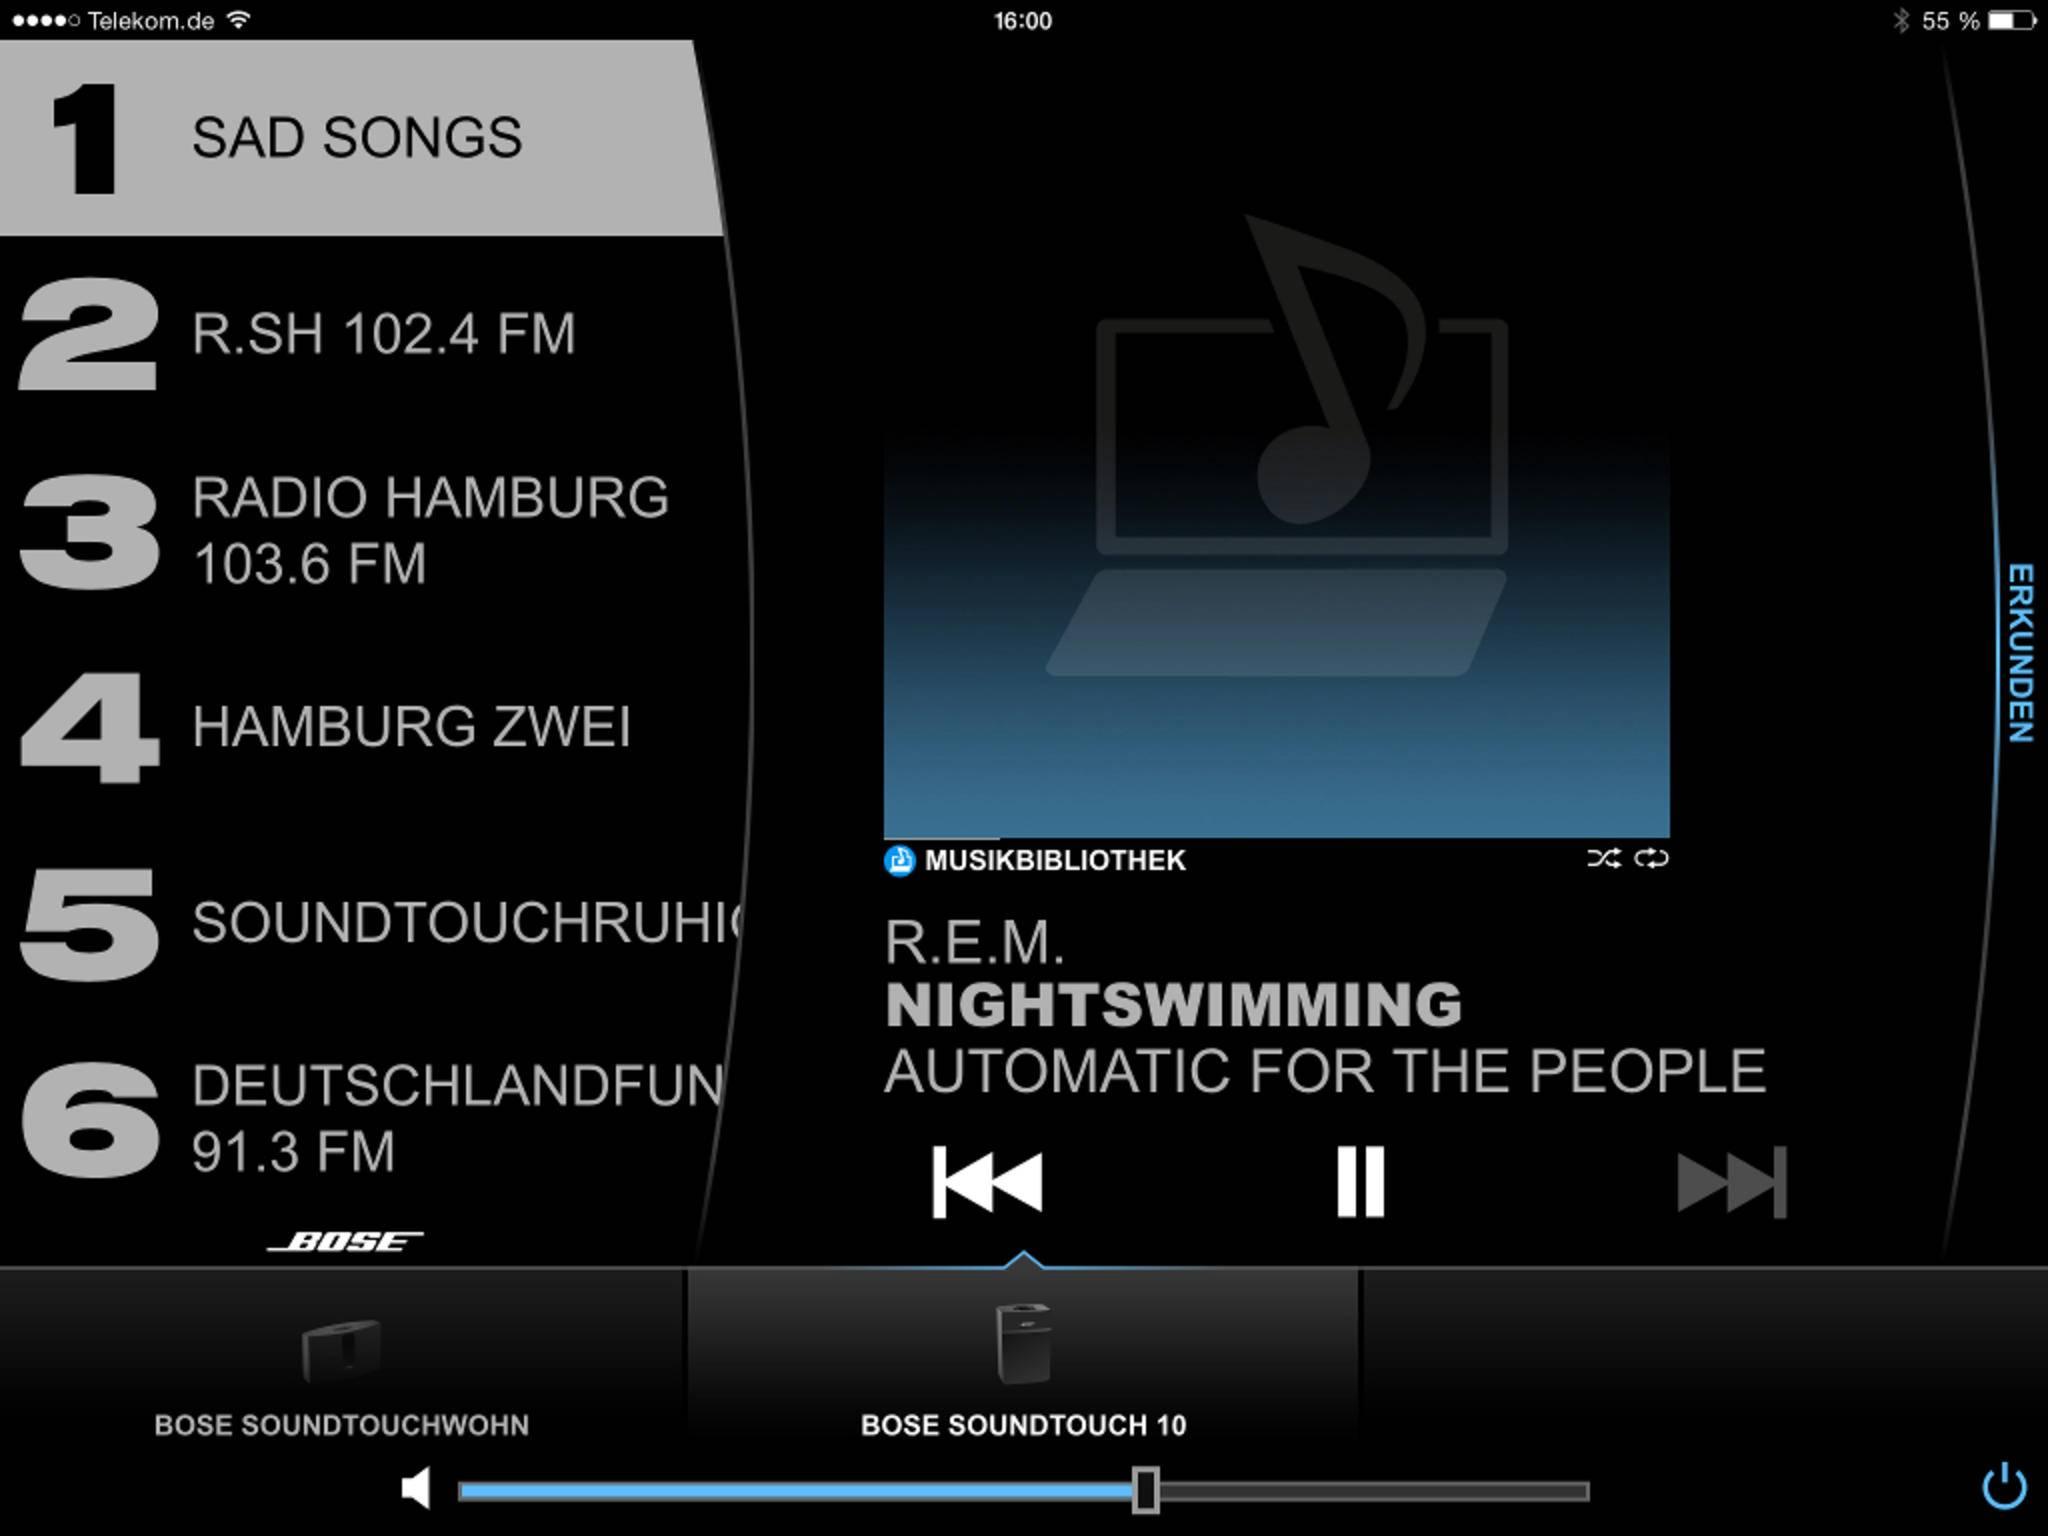 Über die Bose-App lassen sich zwei SoundTouch-Systeme koppeln.